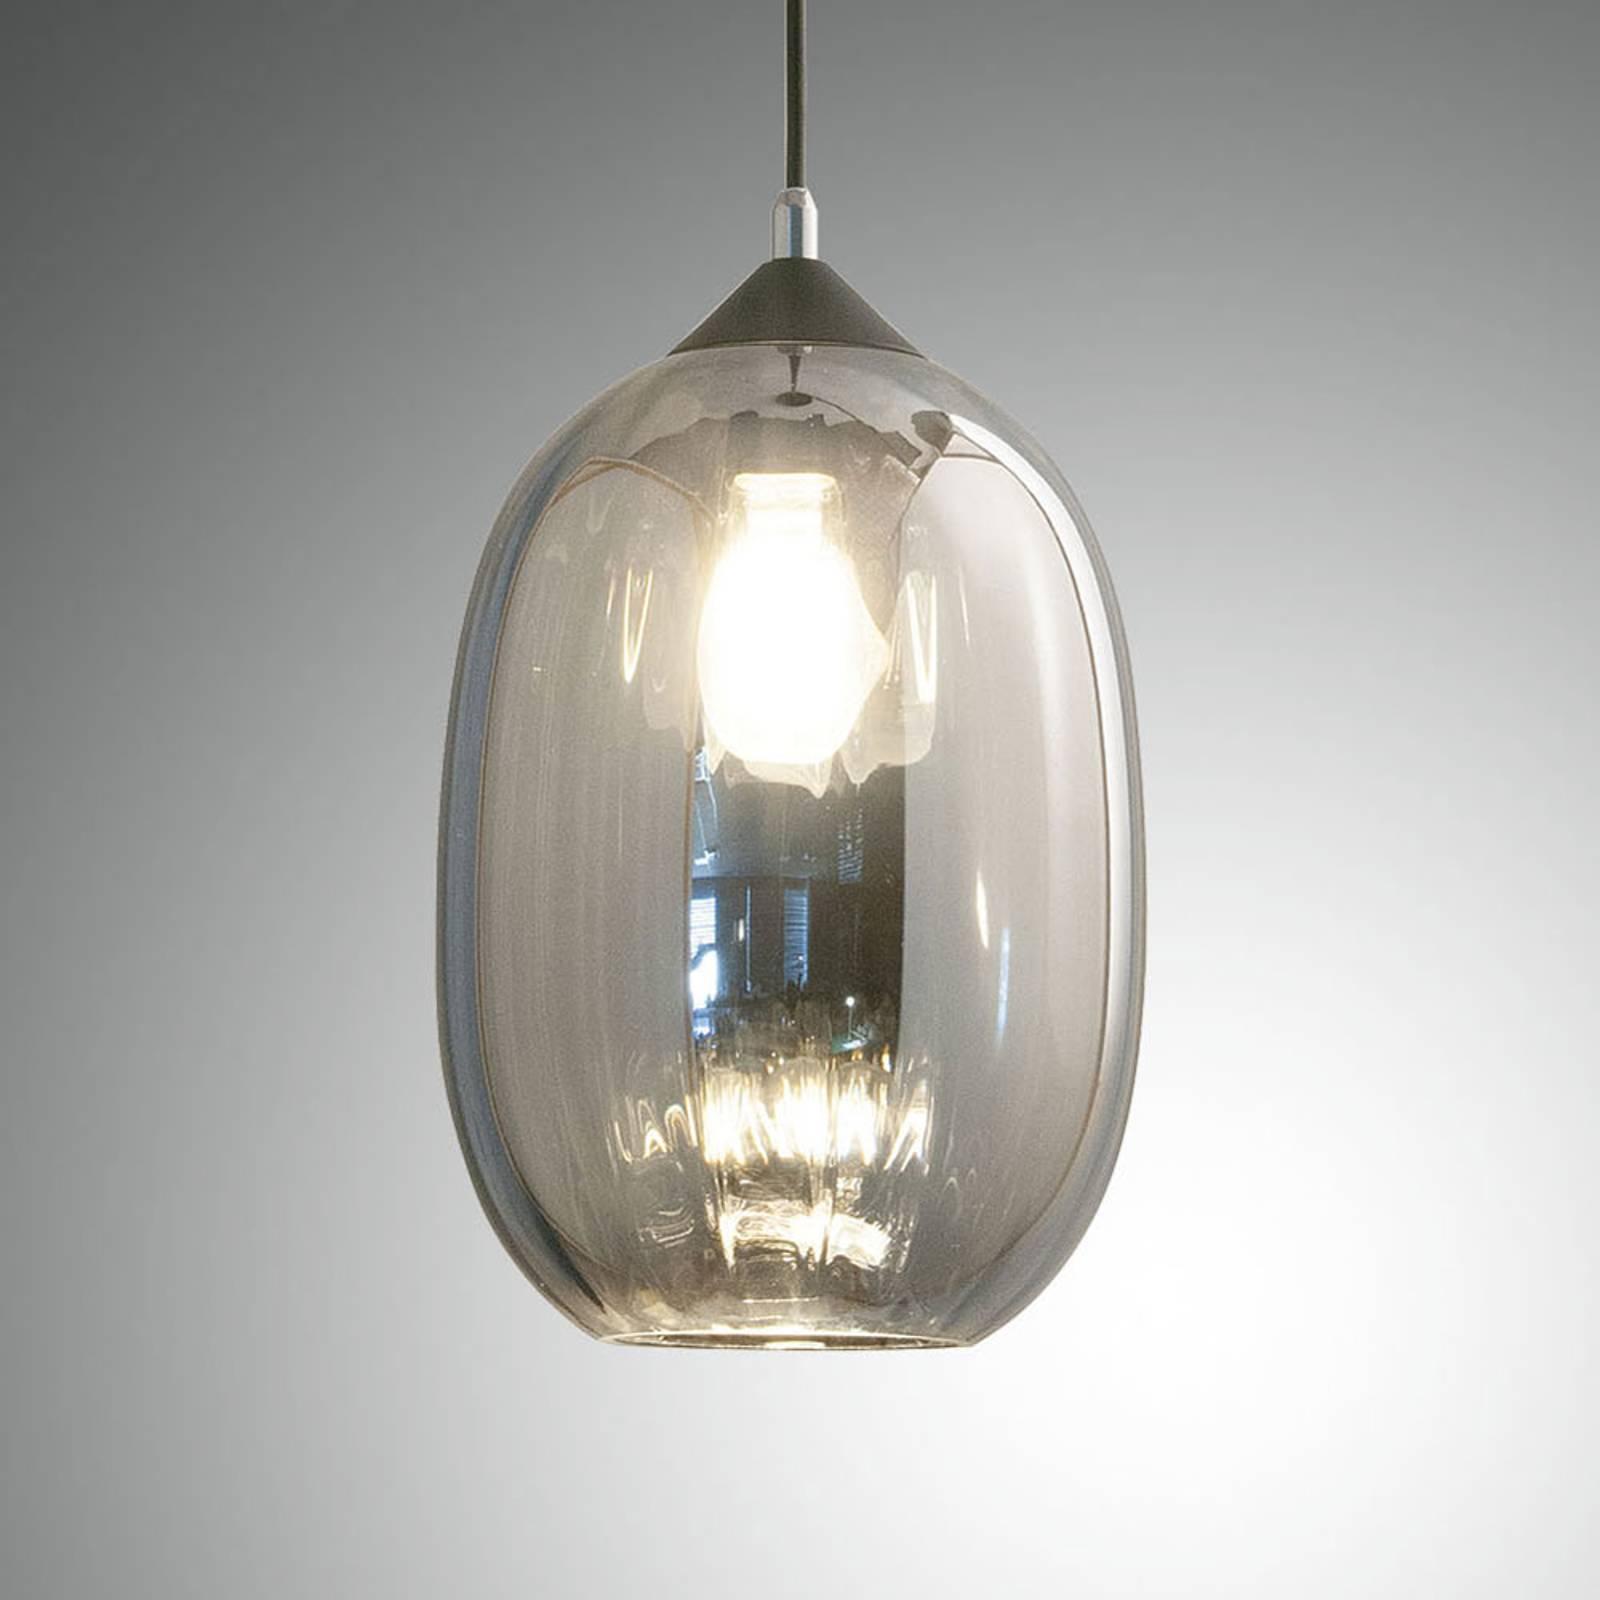 Riippuvalo Infinity lasia, 1-lamppuinen, Ø 20 cm